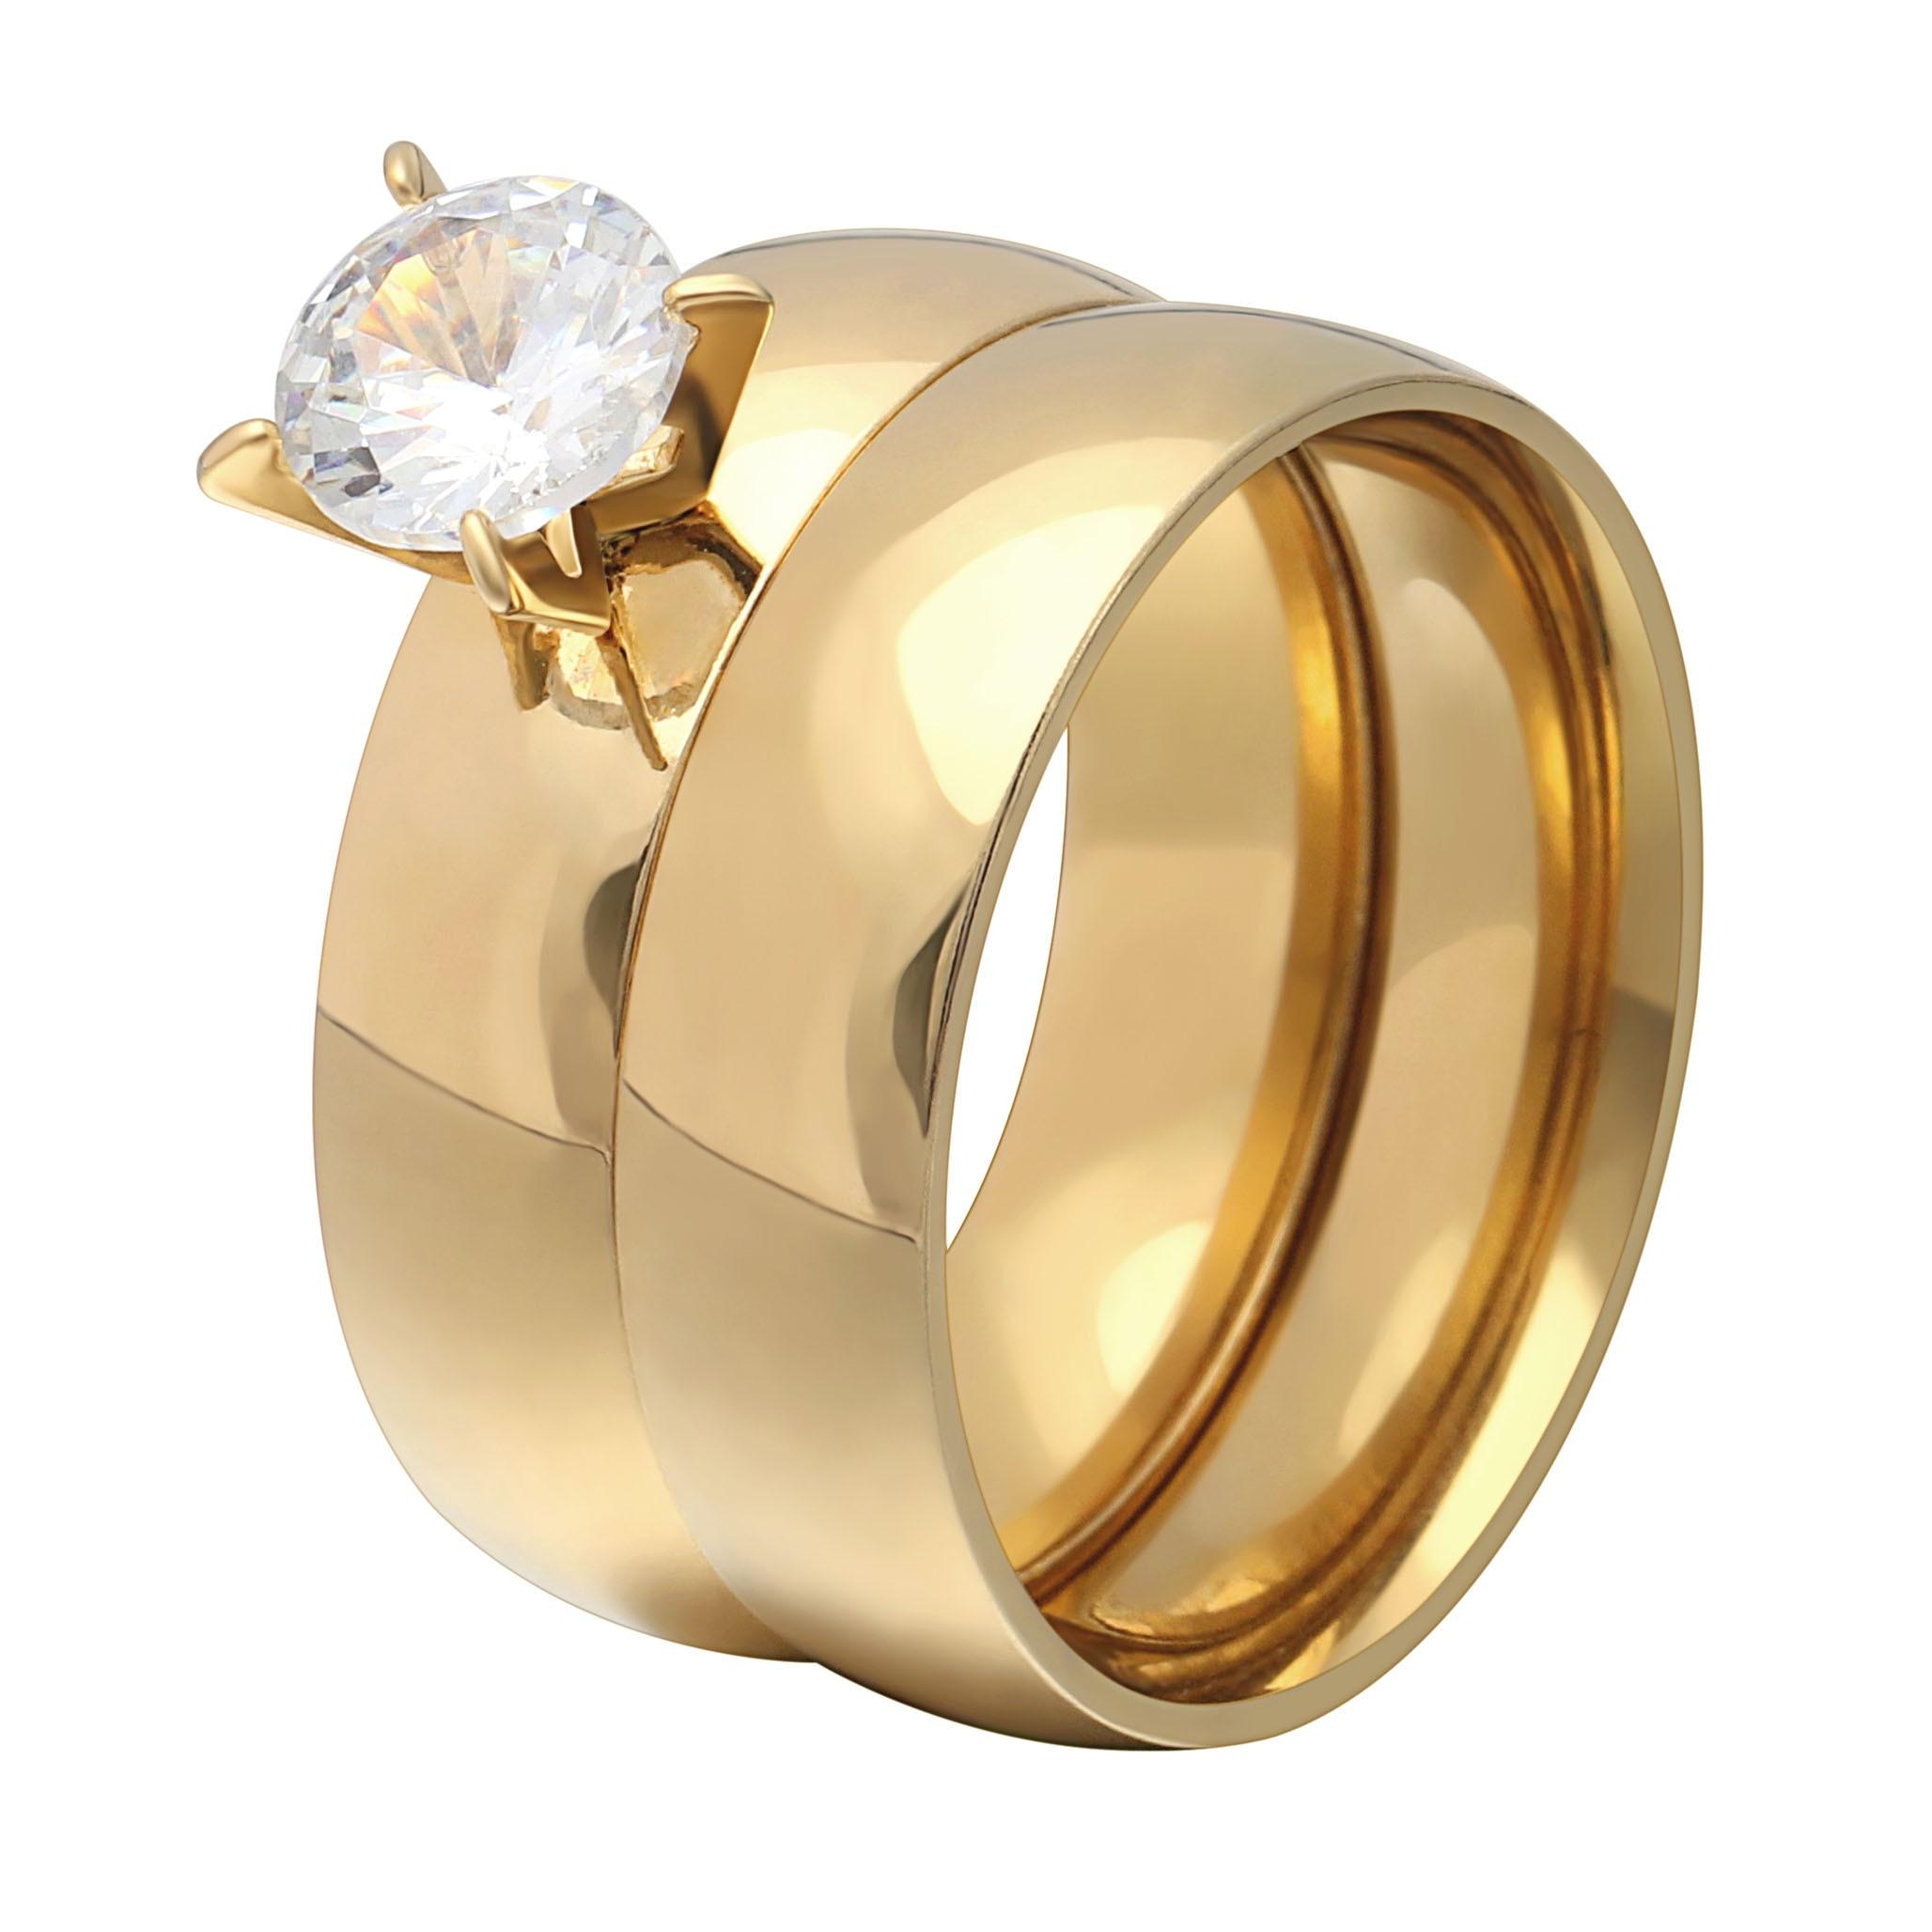 Nové zlato barva bílá 8 mm zirkon z nerezové oceli výročí snubní prsteny pro ženy šperky